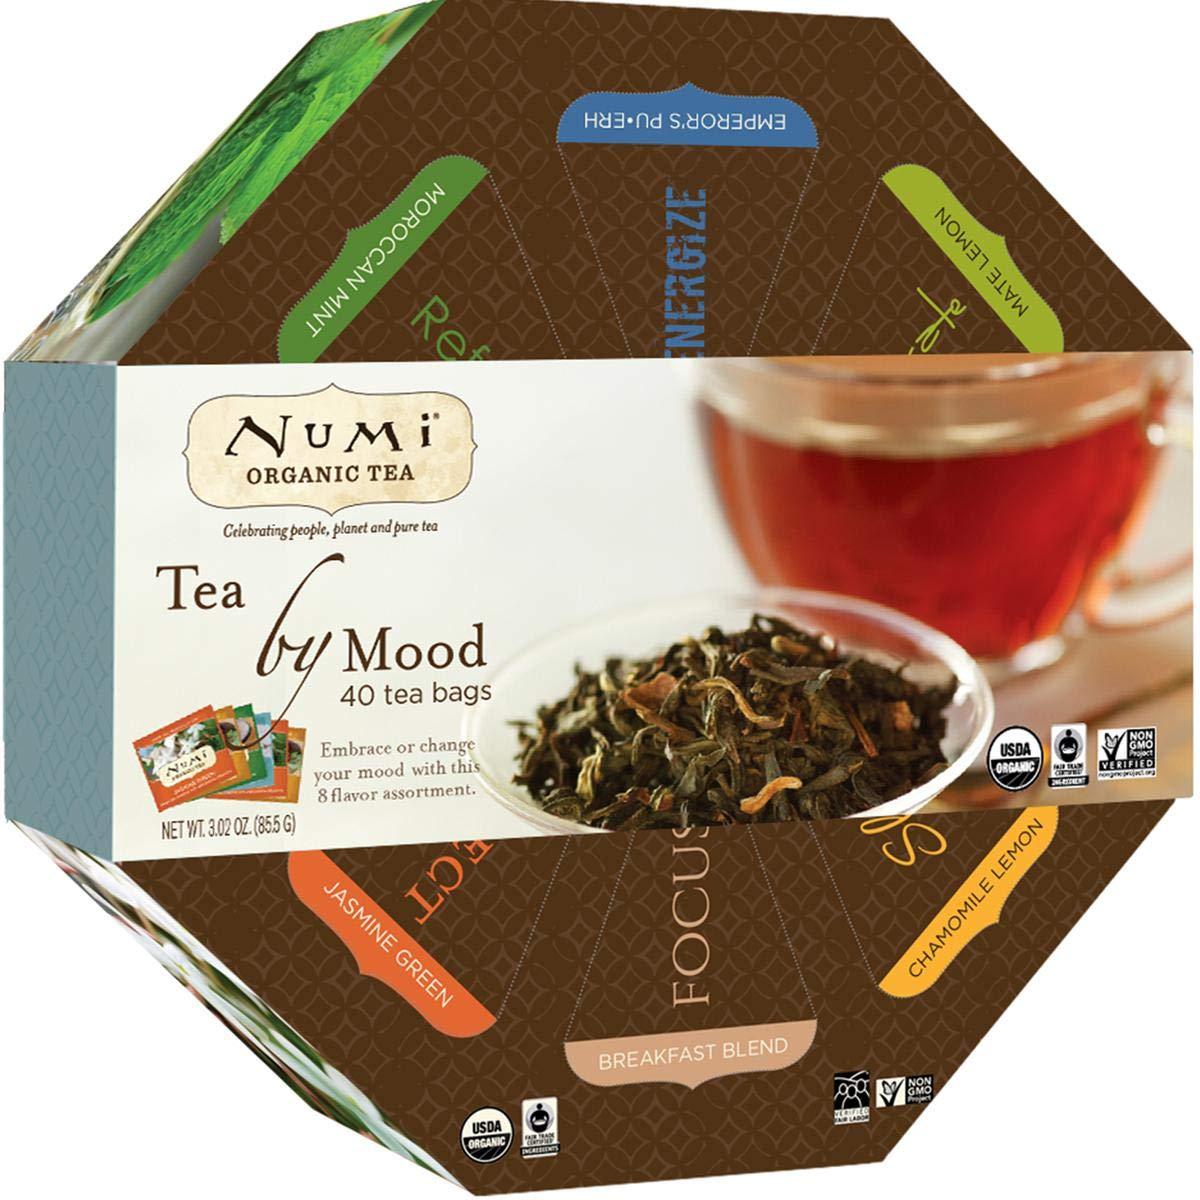 Tea by Mood Gift Set of 40 Premium Teas